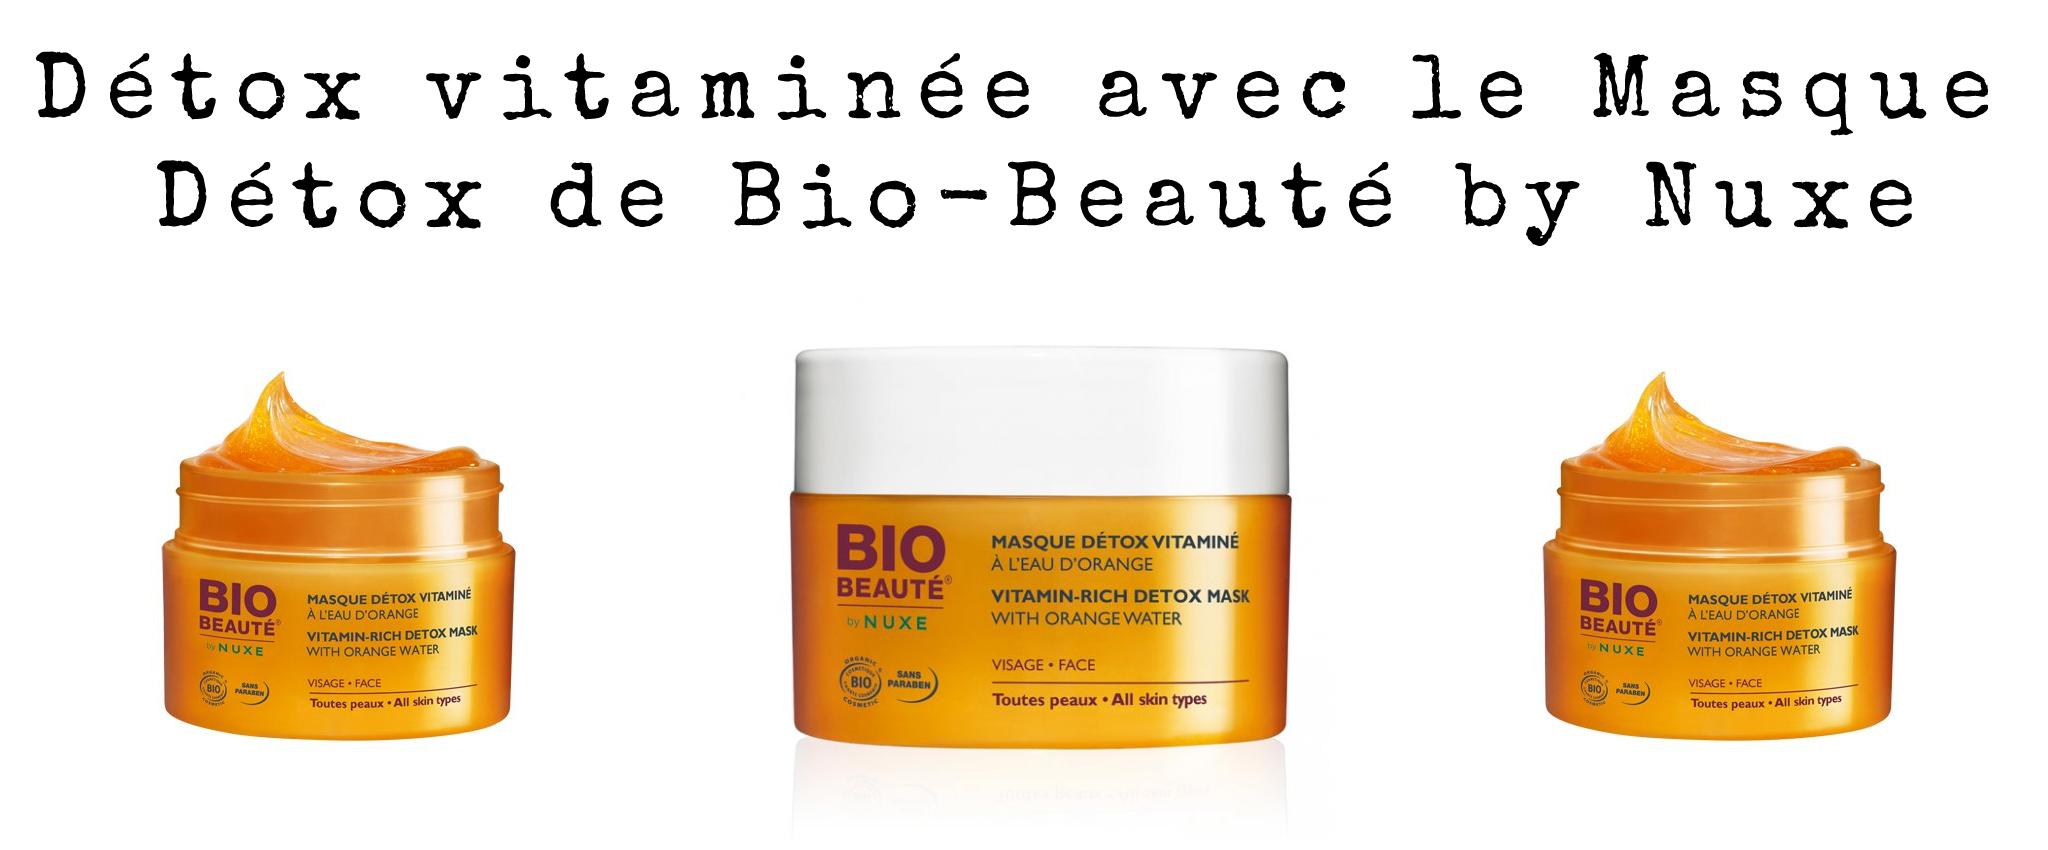 Détox vitaminée avec le Masque Détox de Bio-Beauté by Nuxe